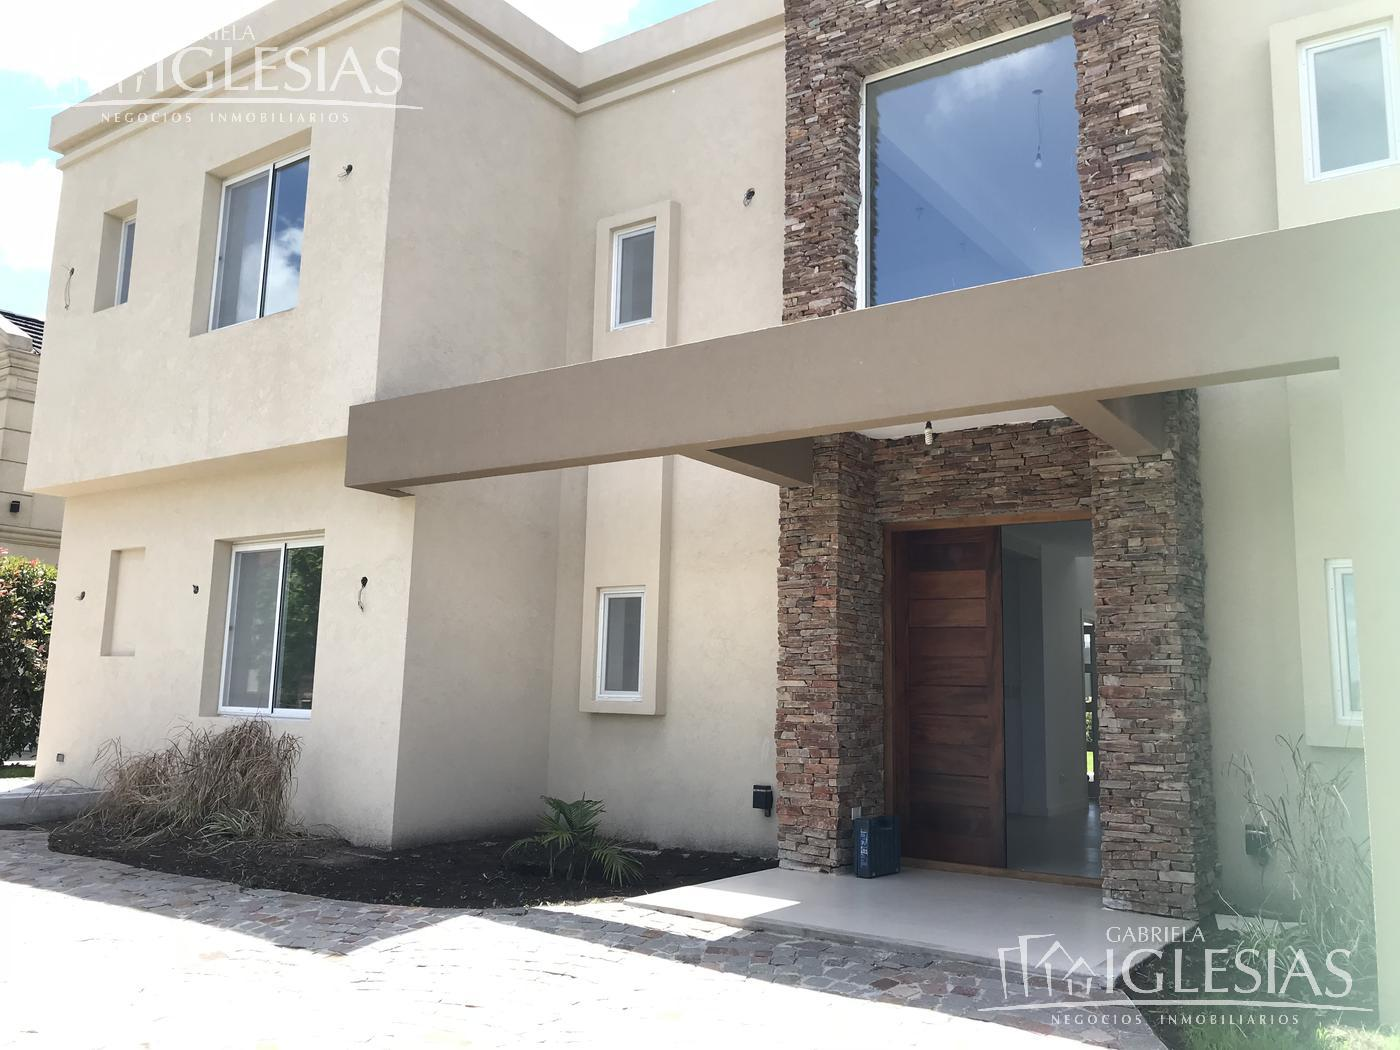 Casa en Venta  en Nordelta Los Lagos